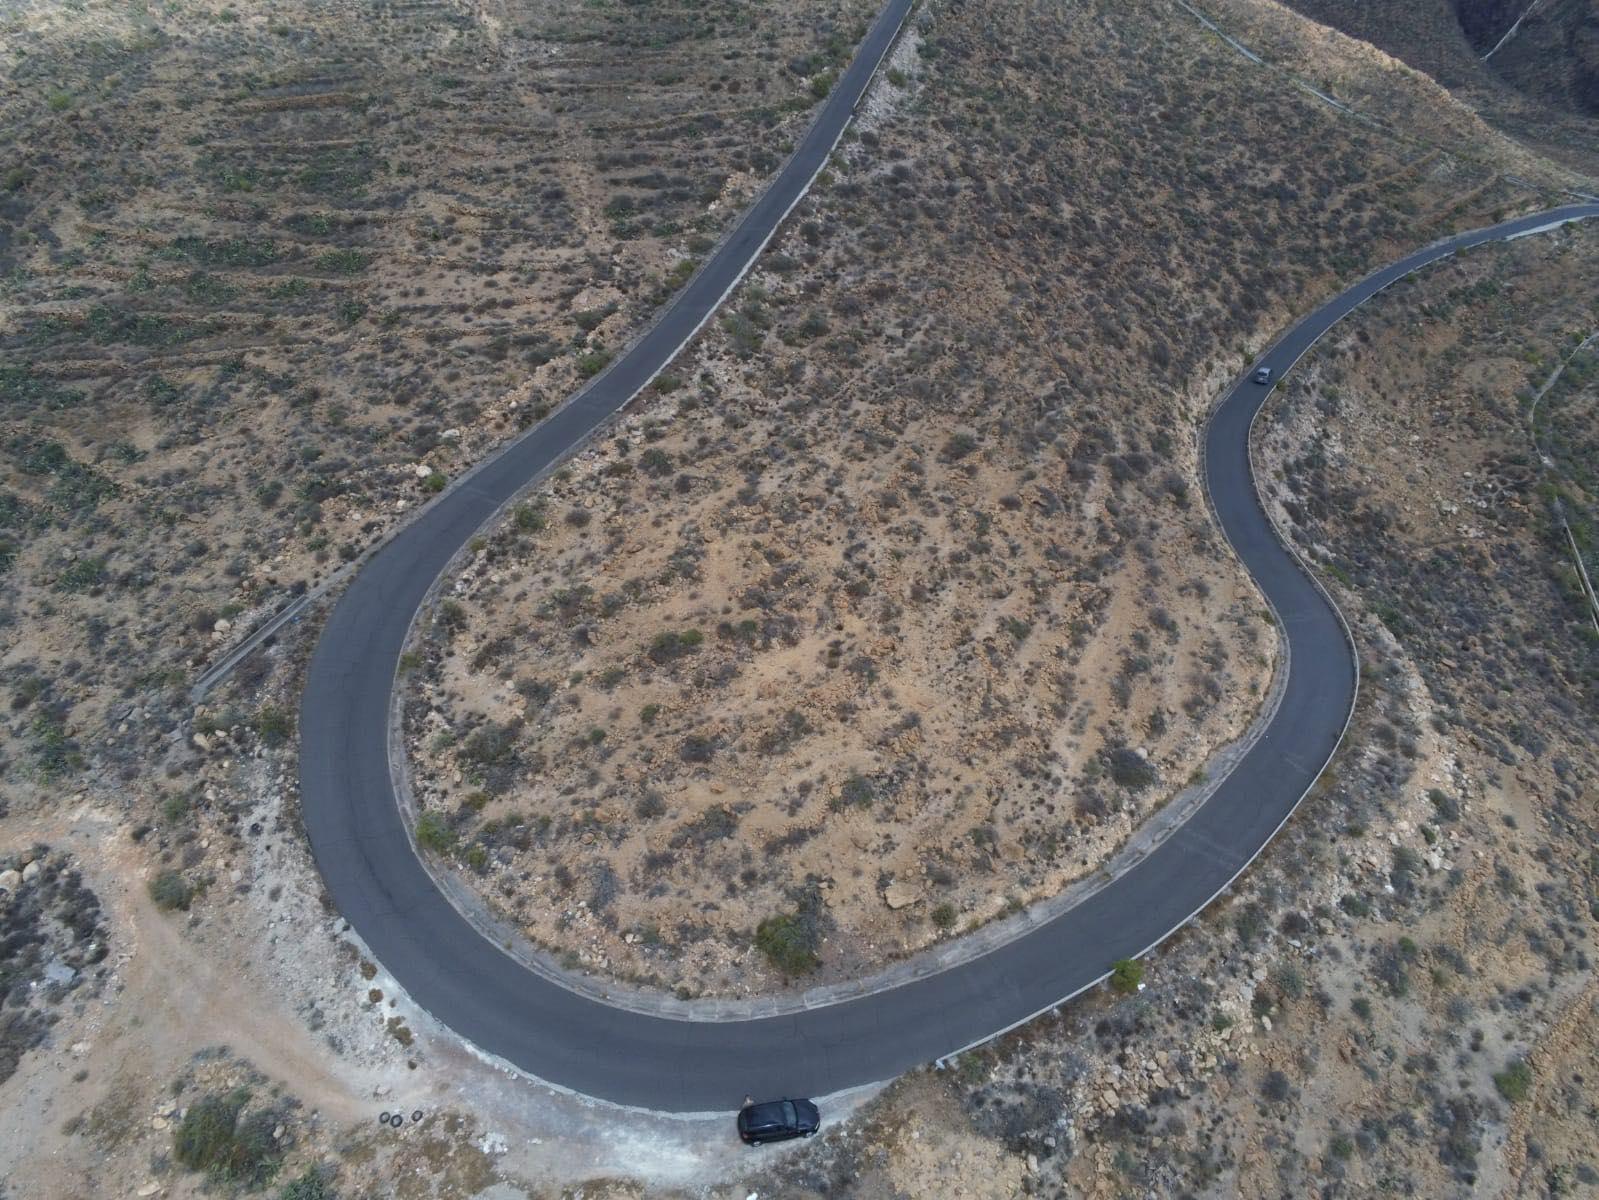 Terreno  en Arico de 10.000 m2 al lado de la autopista.